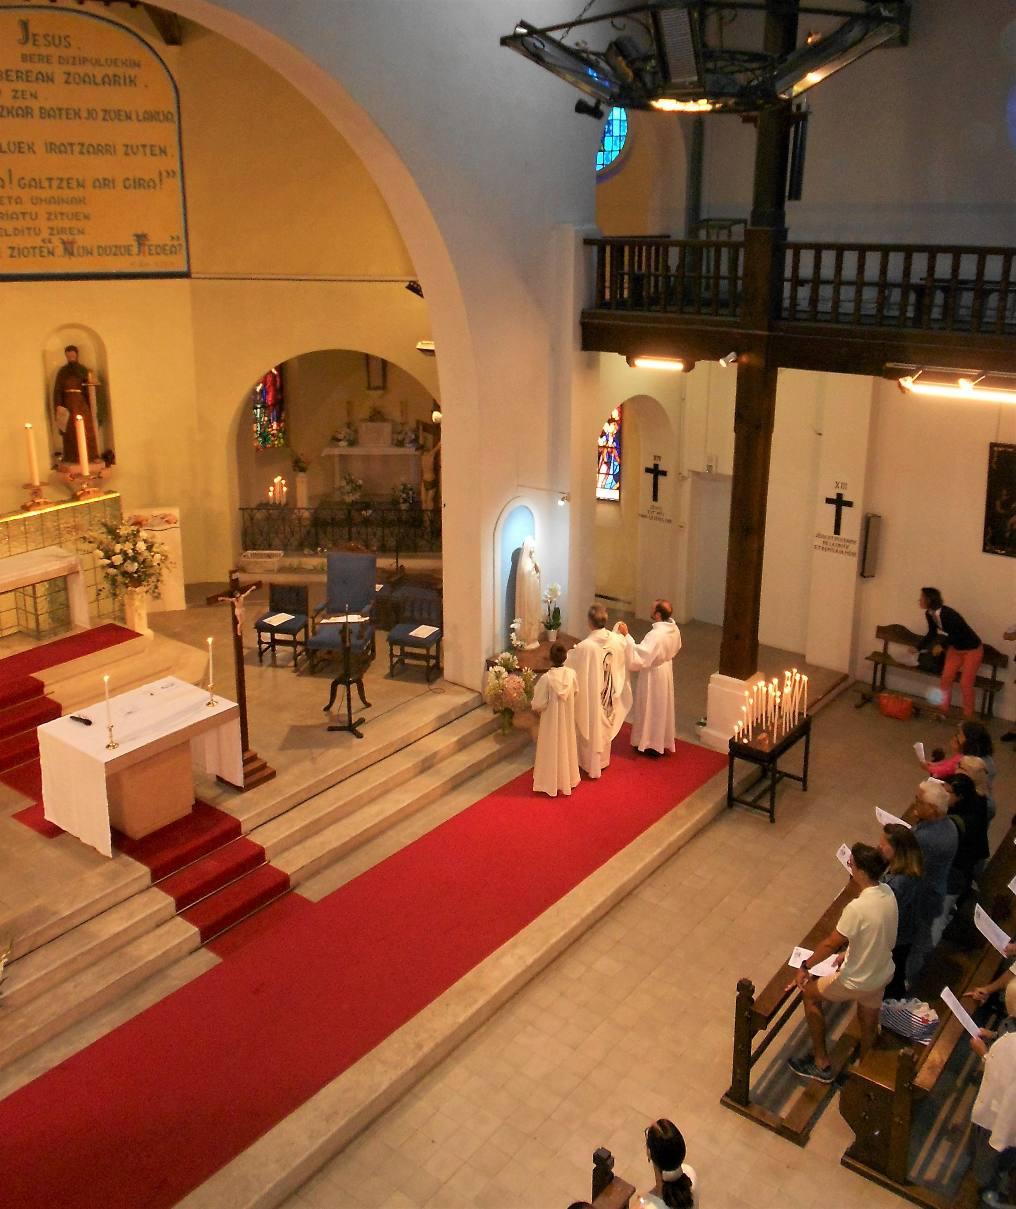 Premier hommage à Marie (statue pour toute l'année)